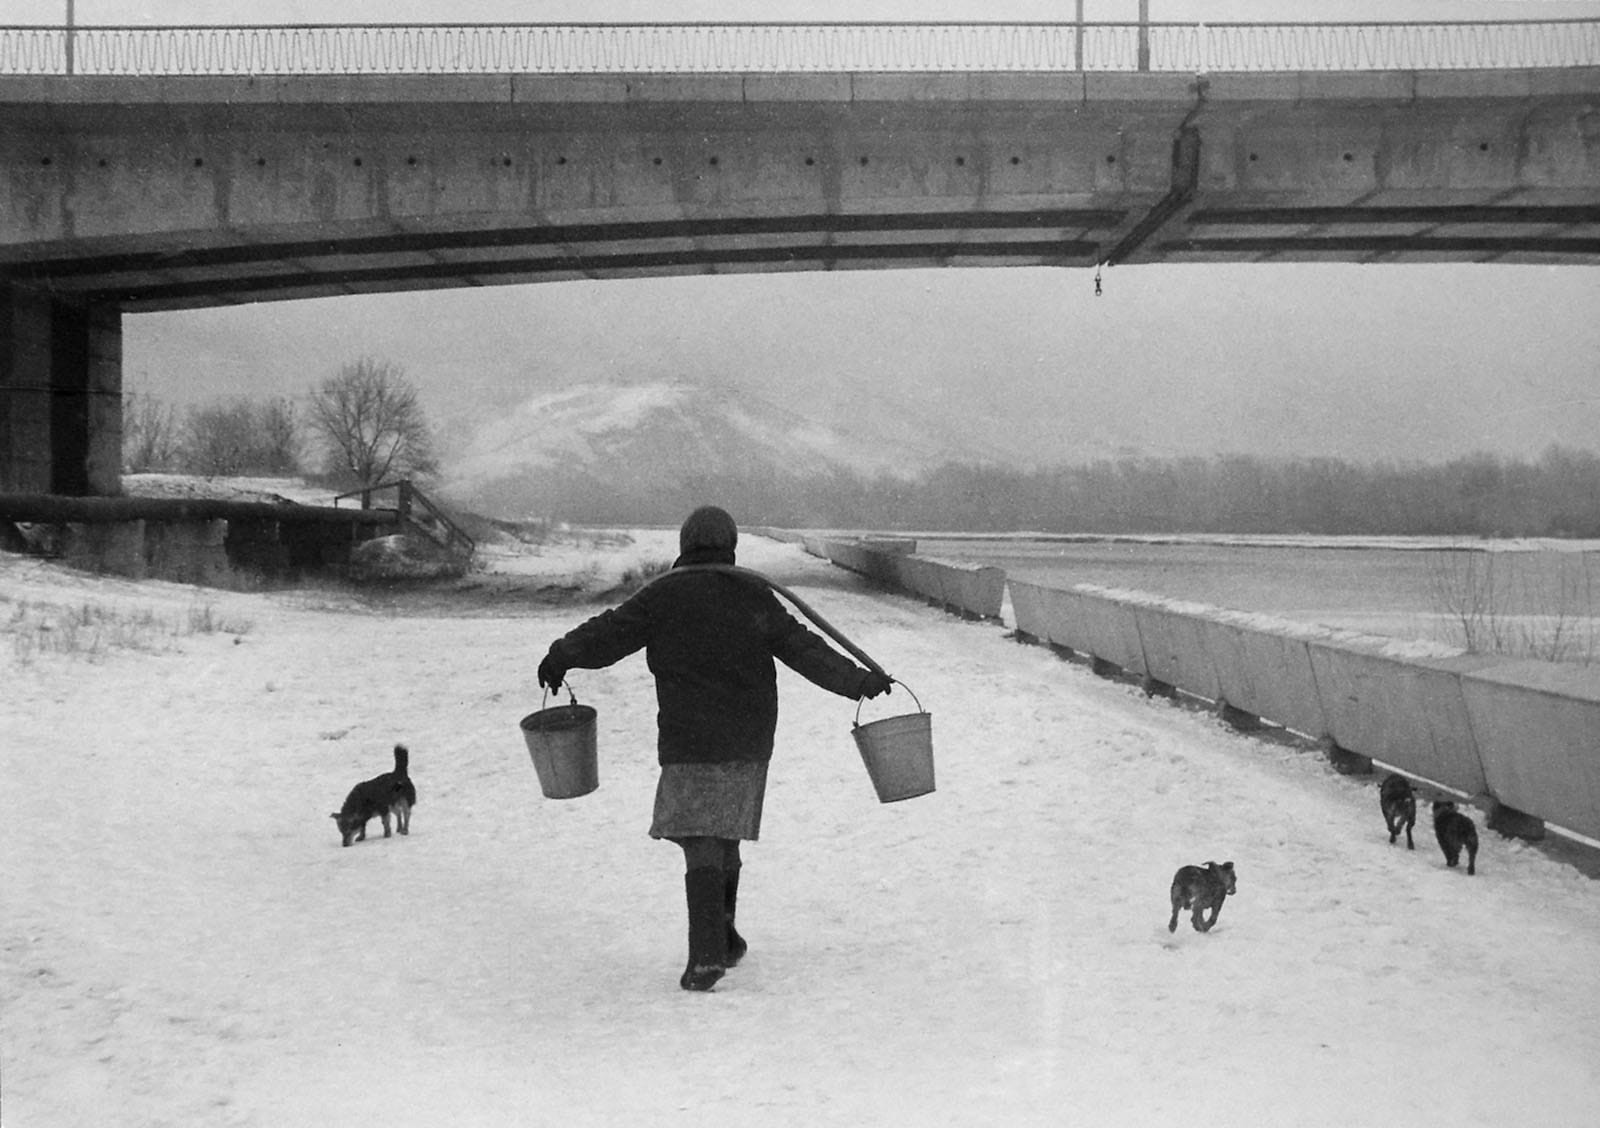 水汲み (ウスチ・カメノゴルスク、1984年)